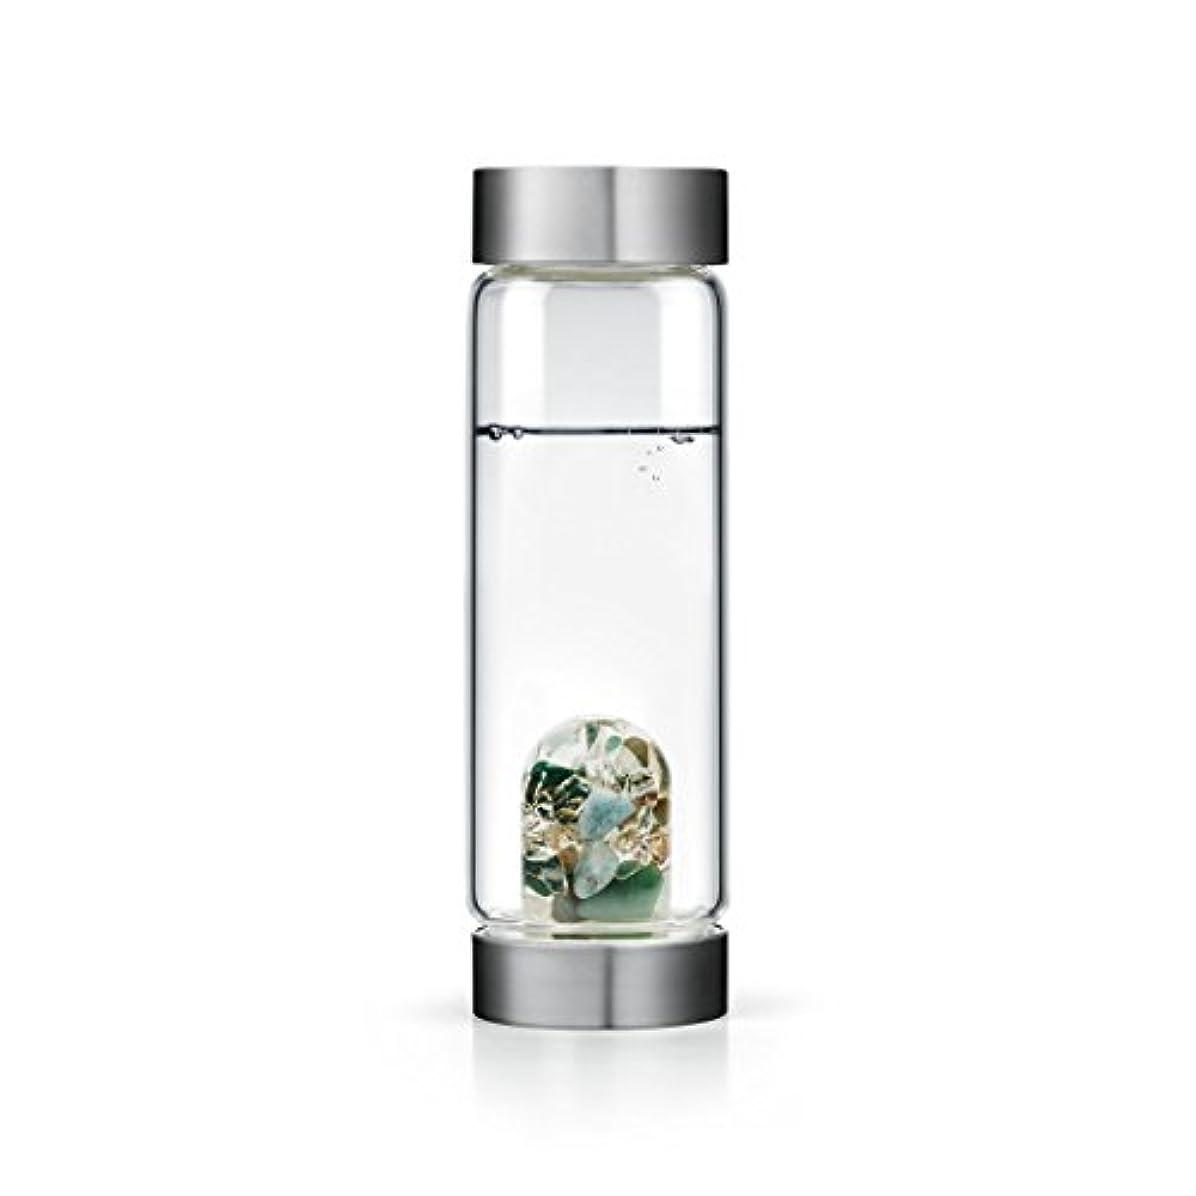 祖母ジュニア感嘆符Forever Young gem-waterボトルby VitaJuwel W / Freeカリフォルニアホワイトセージバンドル 16.9 fl oz